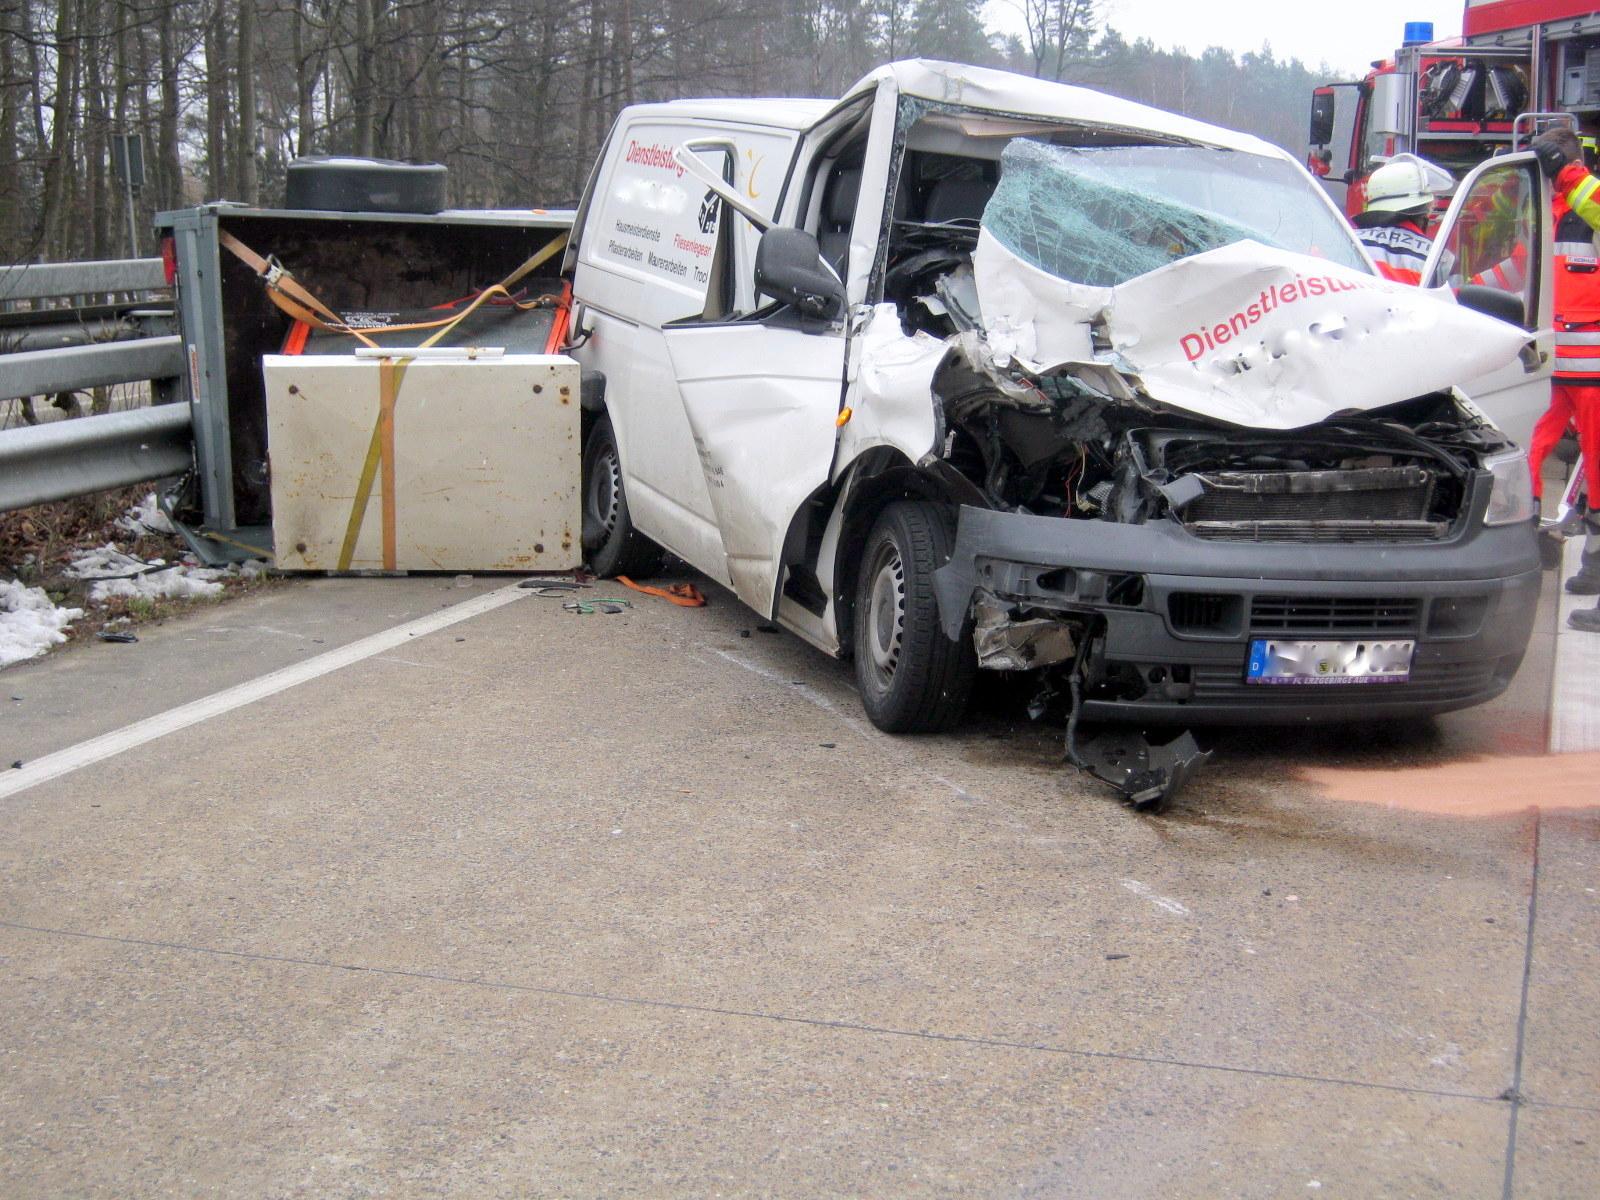 Der Verkehr in Fahrtrichtung Süden wurde während der Rettungs- undBergungsmaßnahmen bis etwa 14:30 Uhr über einen Fahrstreifen geführt wodurch es zu Verkehrsbehinderungen kam. (Foto: OTS)